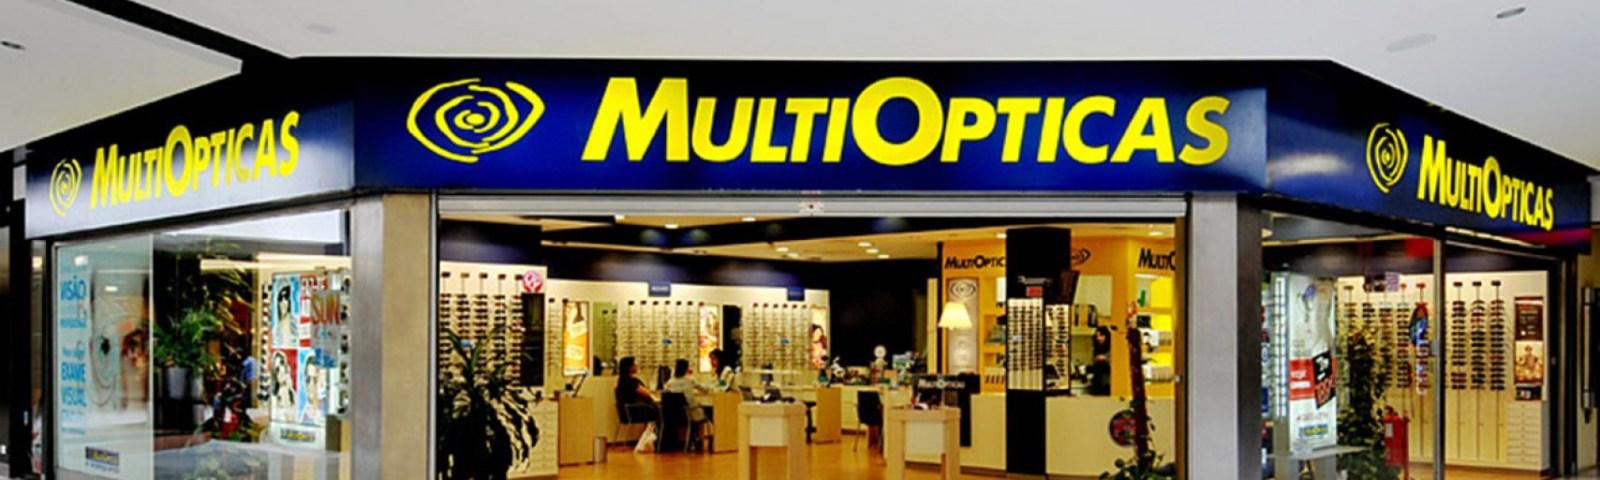 4269-multiopticas